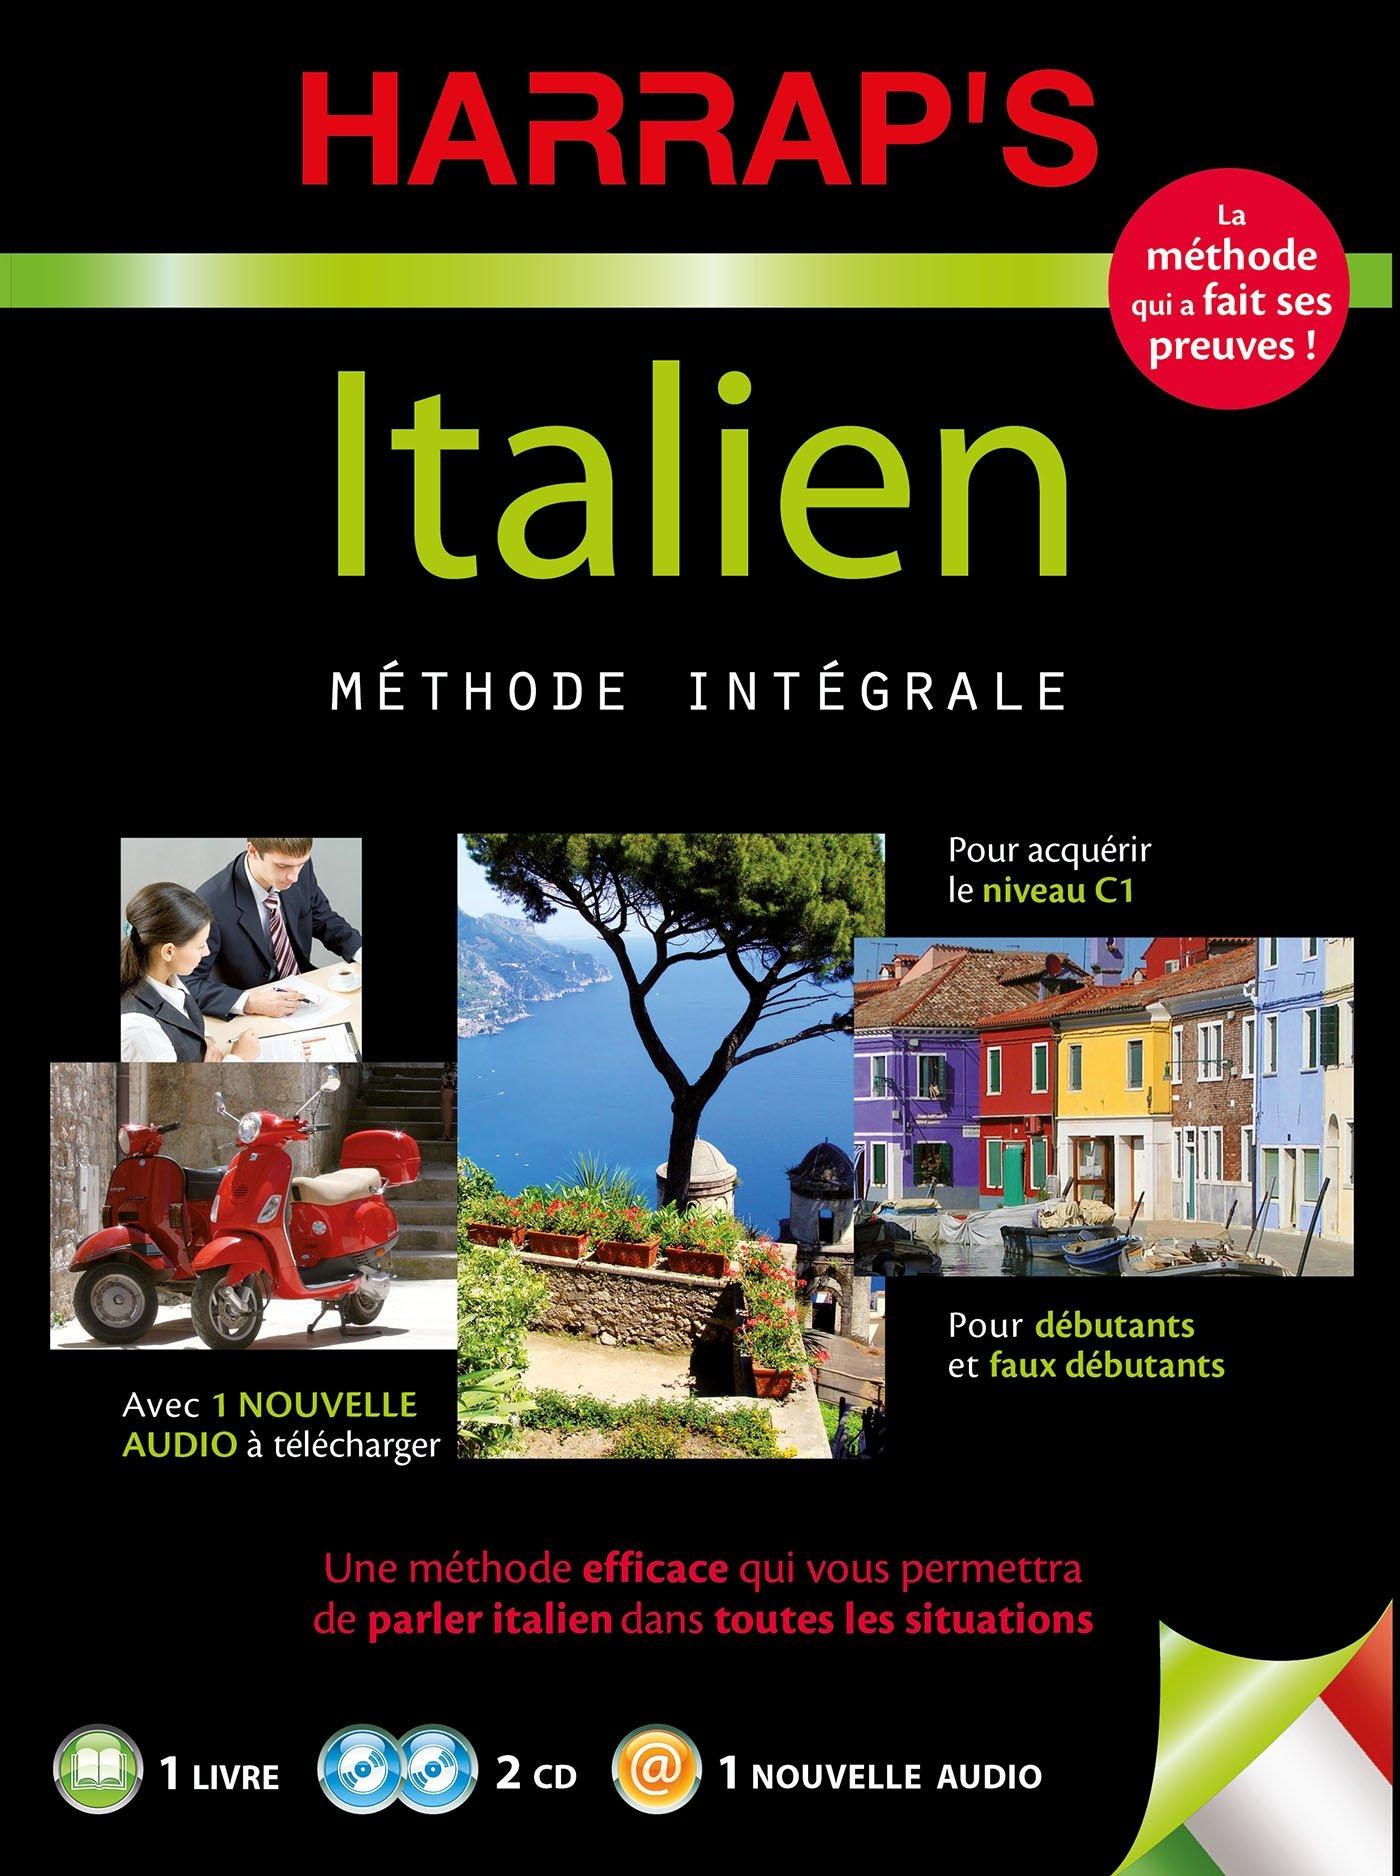 Italien Contient 1 Livre Et Une Nouvelle Audio A